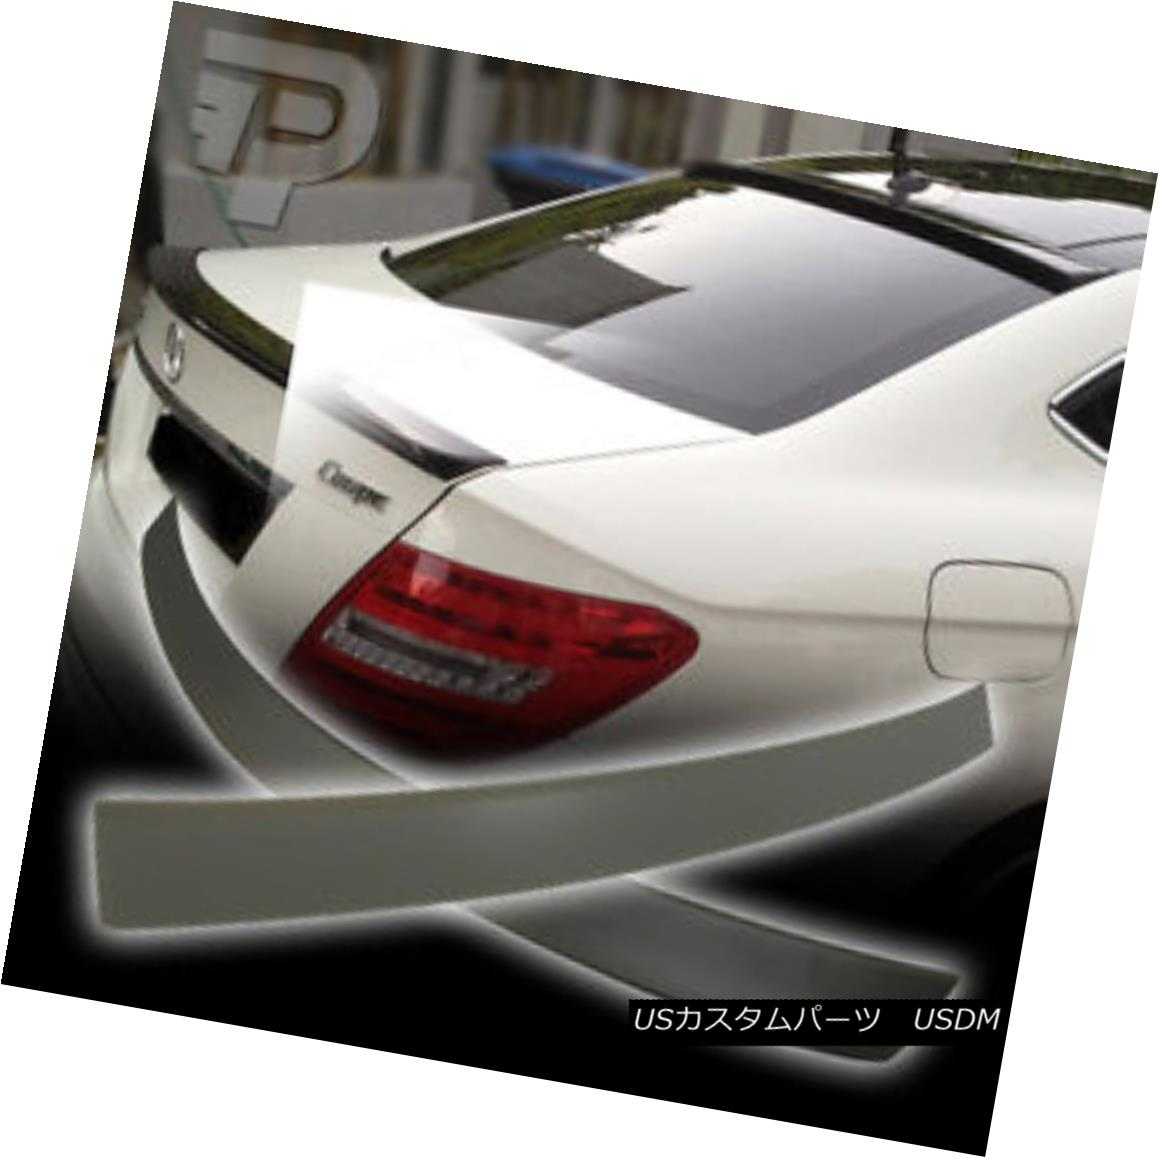 エアロパーツ Mercedes BENZ C204 OE ROOF WING & A TYPE TRUNK SPOILER BOOT WING COUPE 2DR ▼ メルセデスベンツC204 OE ROOF WING& タイプトランク・スポイラー・ブーツ・ウィング・クープ2DR?